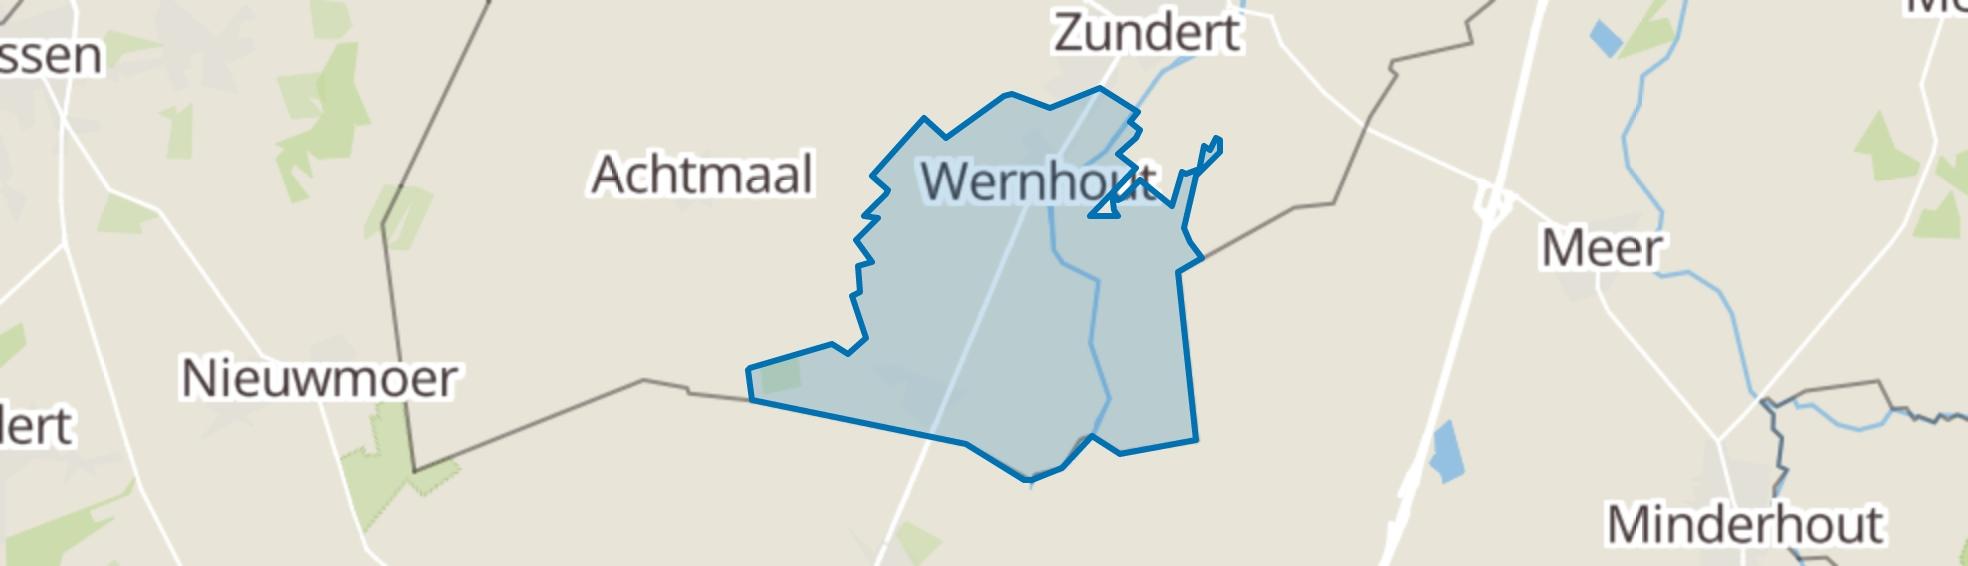 Wernhout map